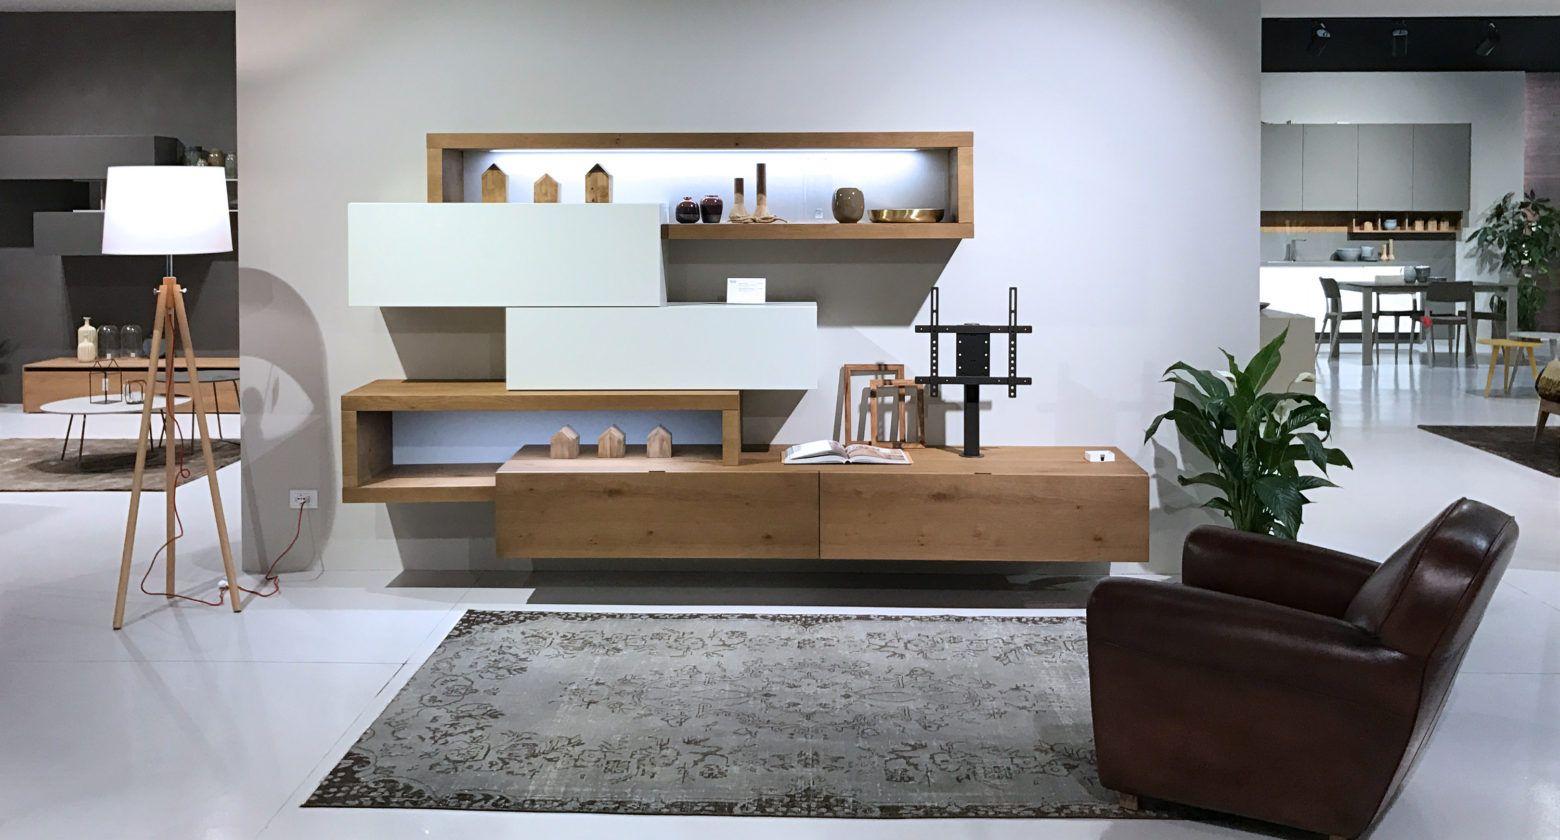 Showroom Arredamento A Treviso Arredamenti Moderni E Classici